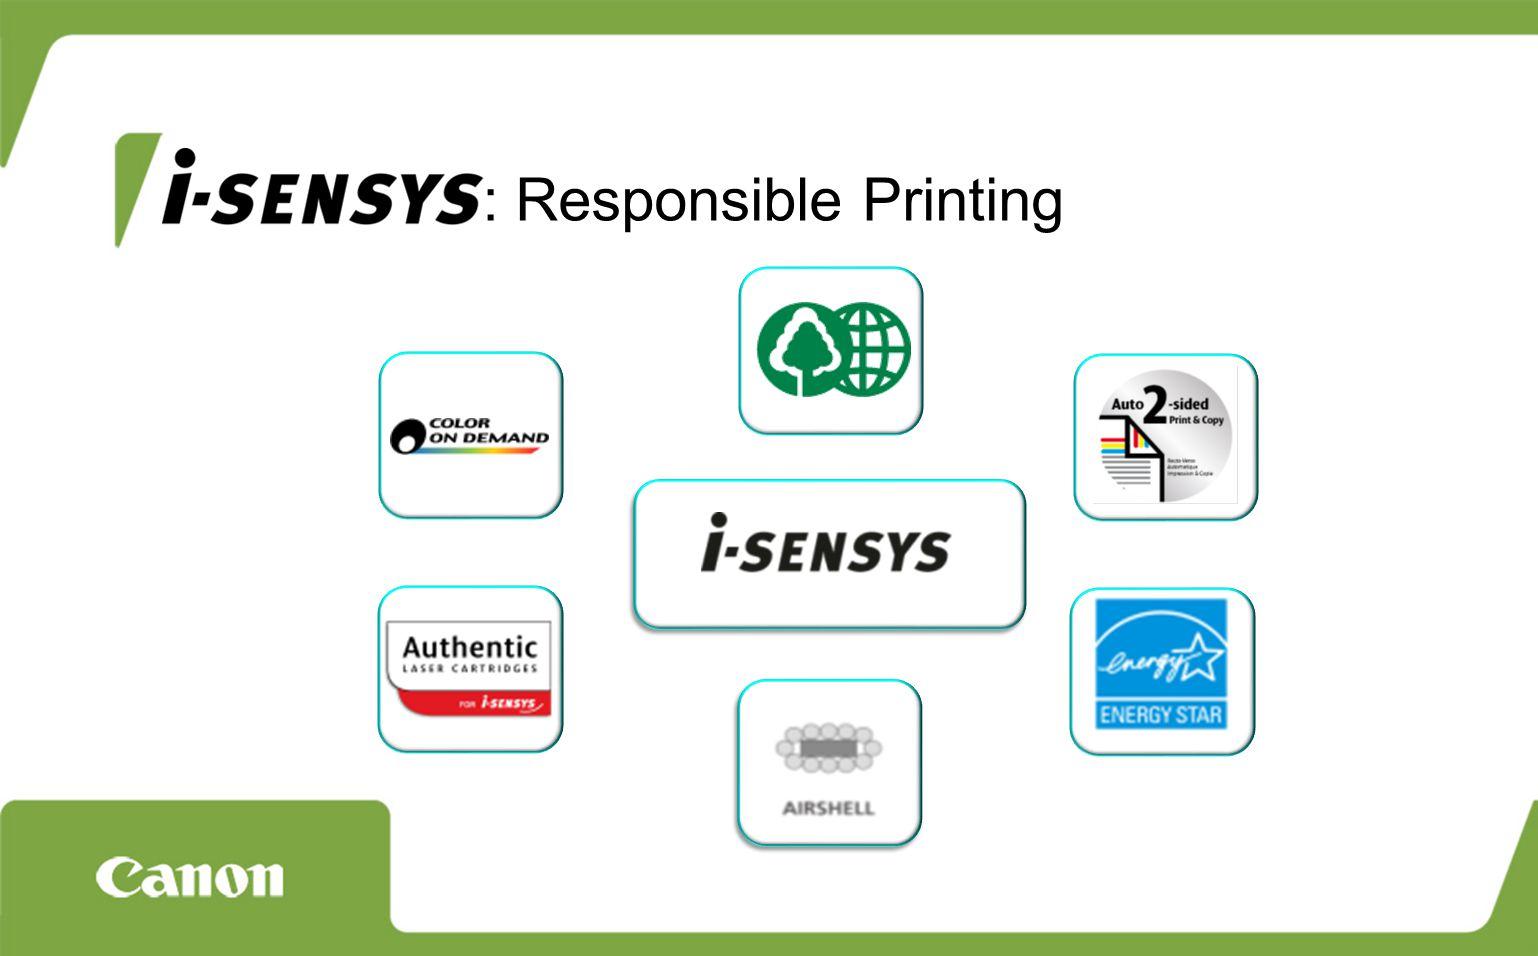 : Responsible Printing